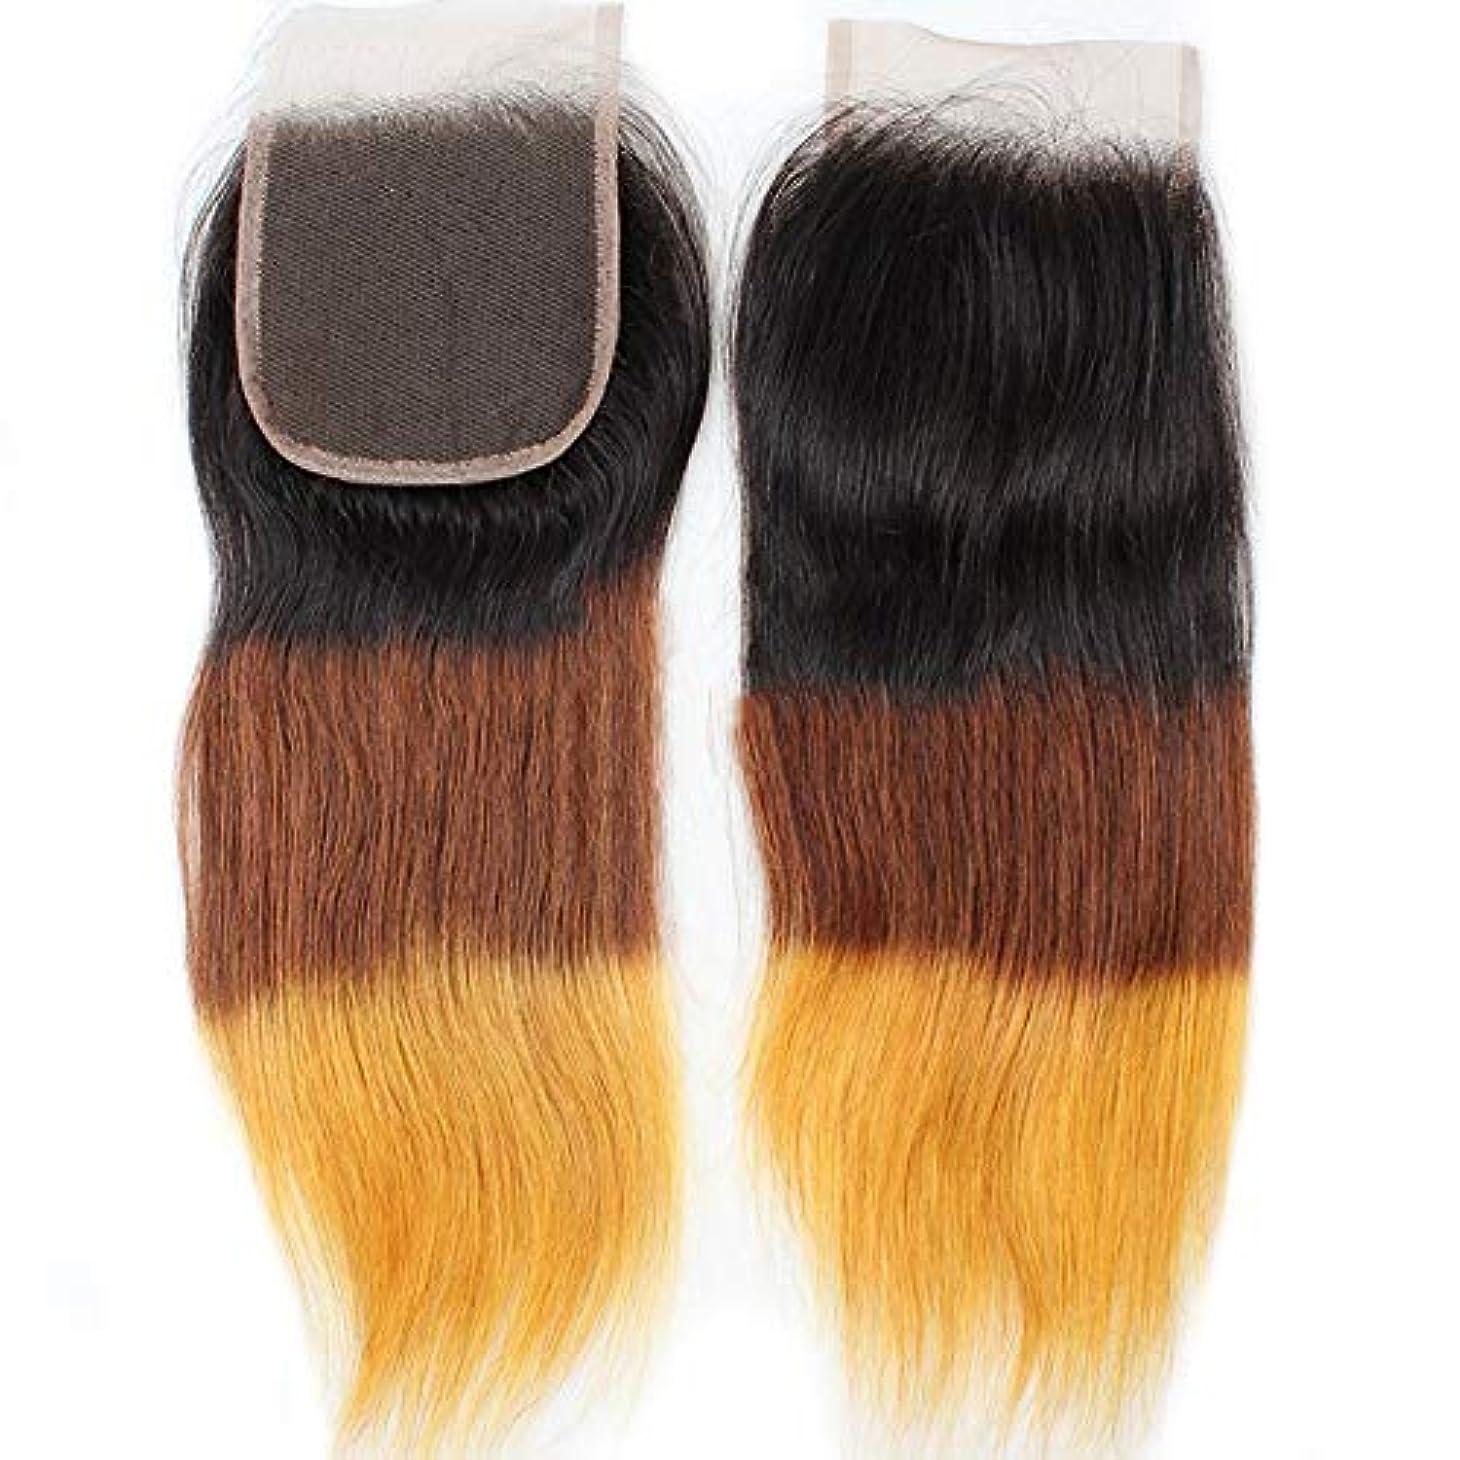 起こりやすい浸食レジデンスHOHYLLYA 4×4レース前頭閉鎖無料部分耳から耳9Aブラジルストレートヘアグラデーションカラー人間の髪の毛の合成髪レースかつらロールプレイングウィッグロングとショートの女性自然 (色 : ブラウン, サイズ : 10...